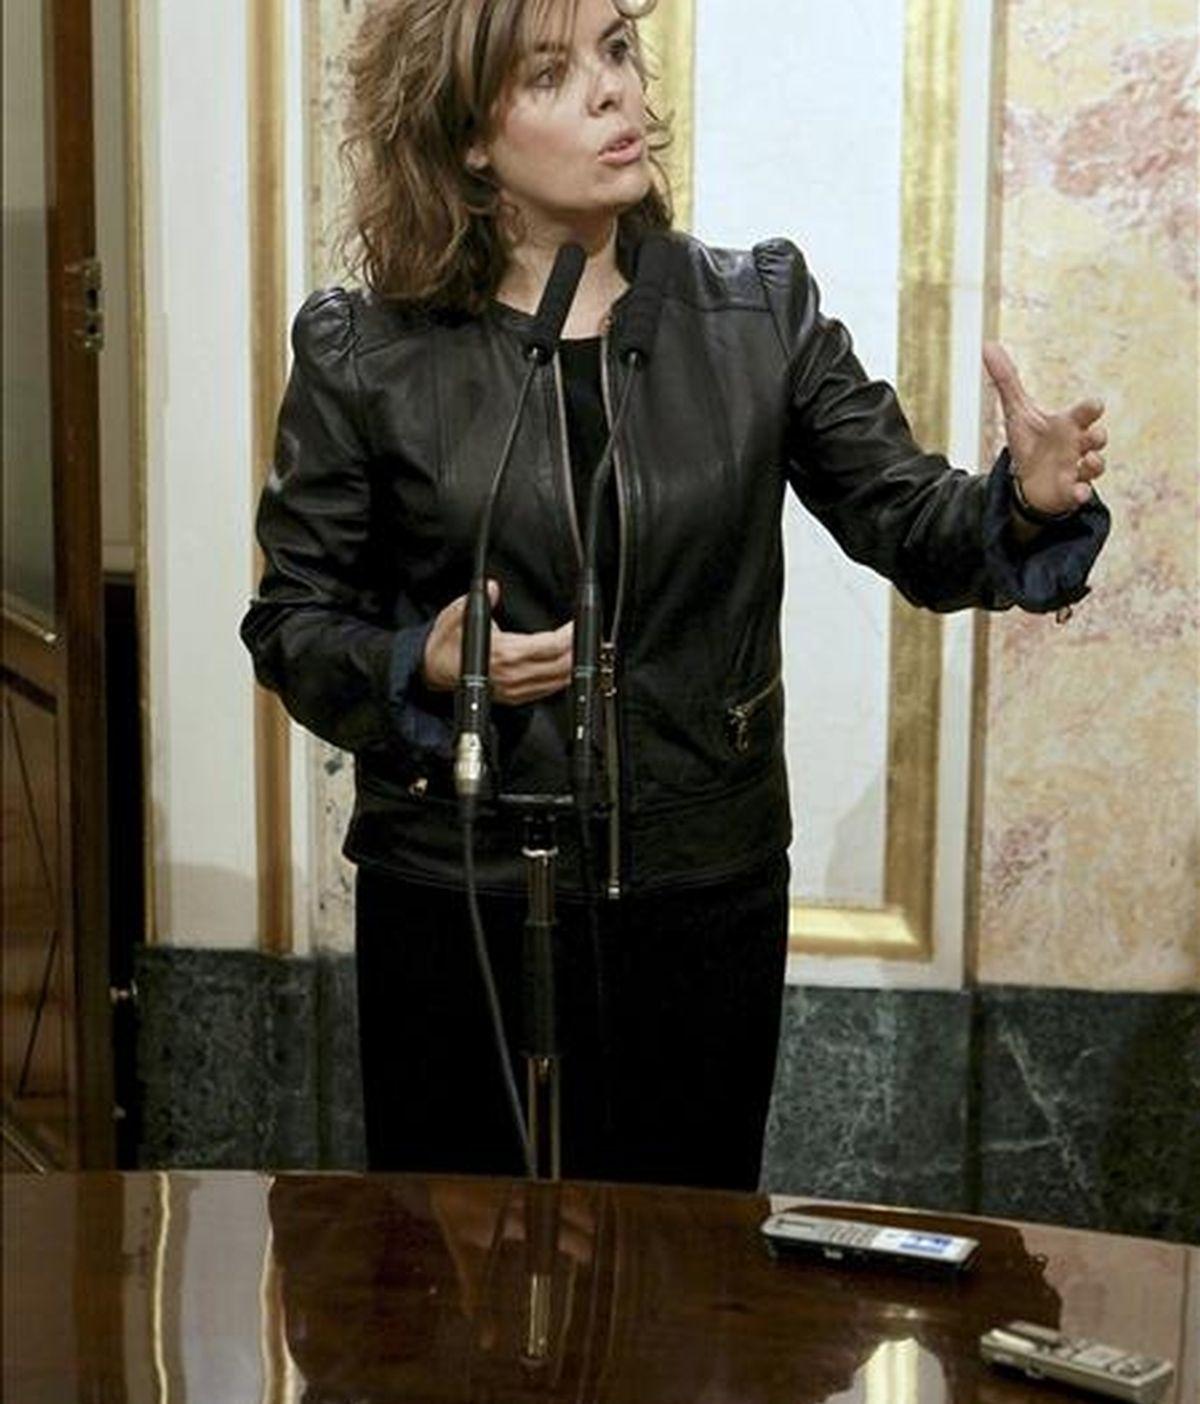 La portavoz del grupo del PP en el Congreso, Soraya Sáenz de Santamaría. EFE/Archivo